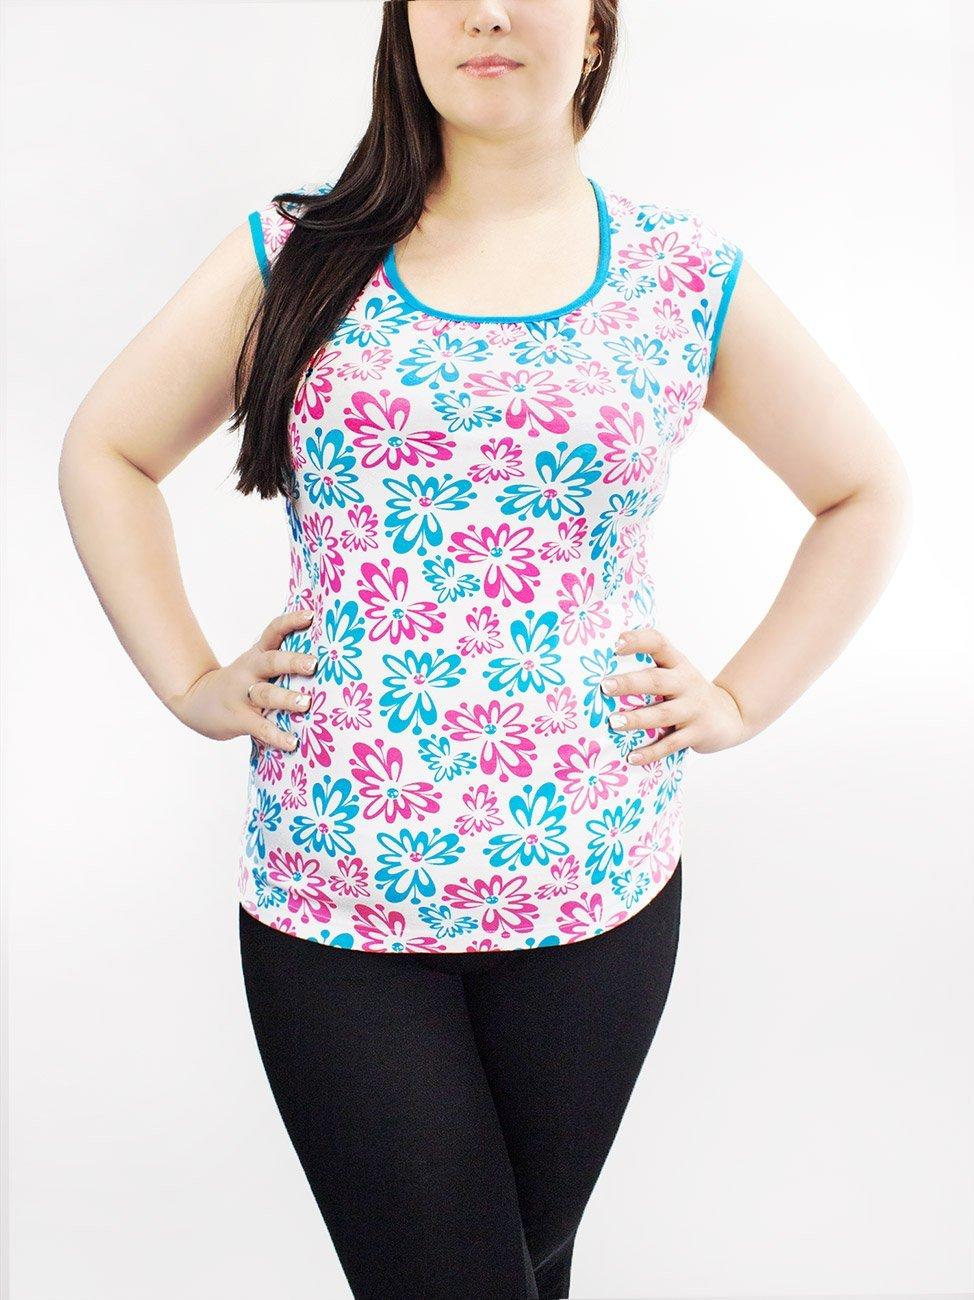 299W Цветы - футболка женская трикотажная Купалинка